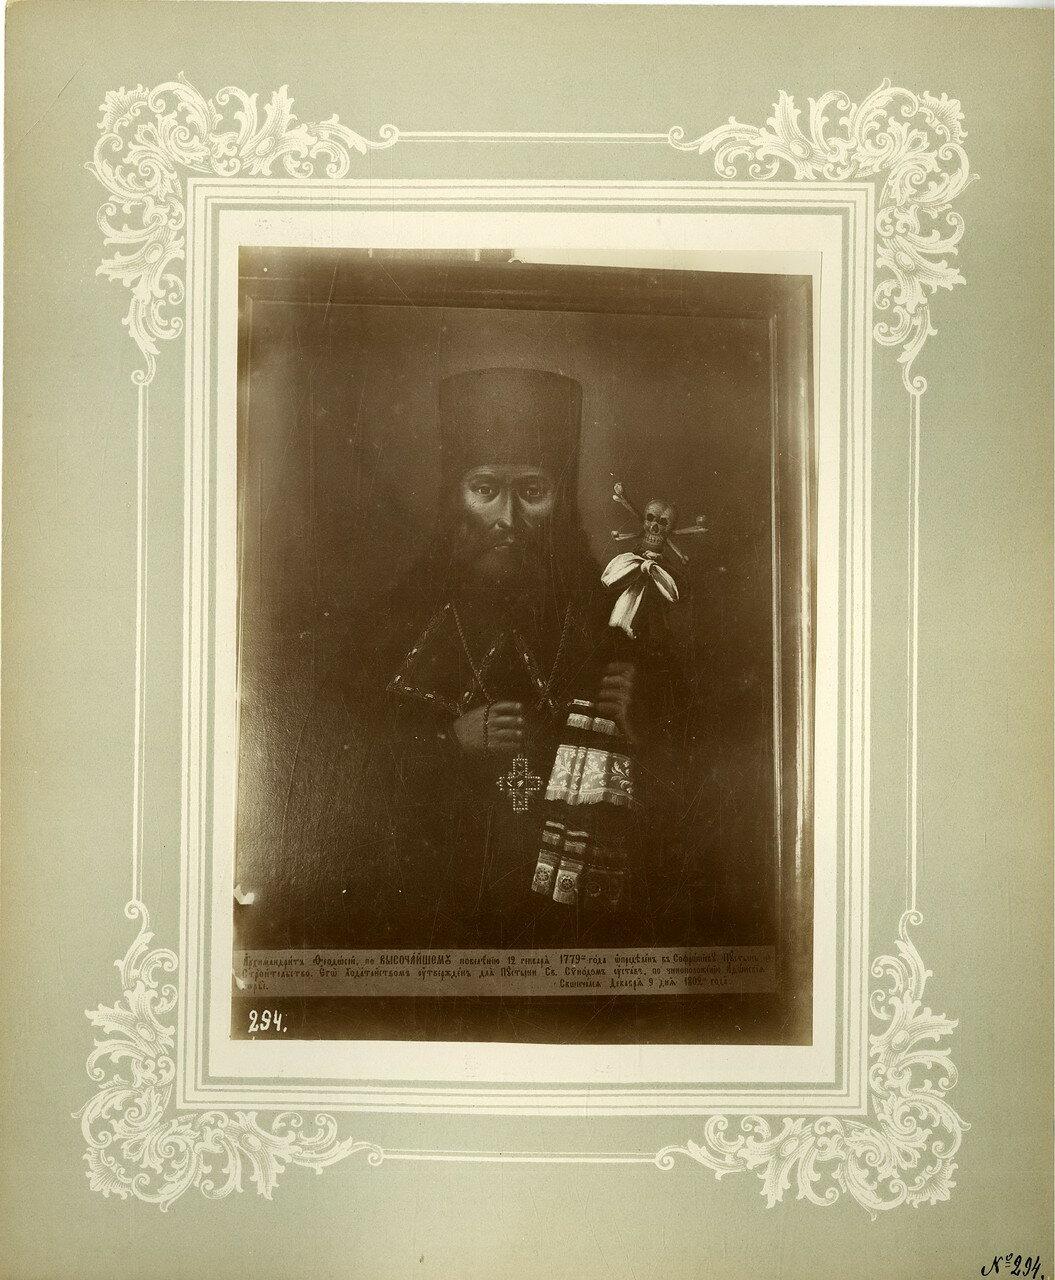 45. Портрет настоятеля пустыни старца архимандрита Феодосия +1802 года, находится в монастырской трапезе